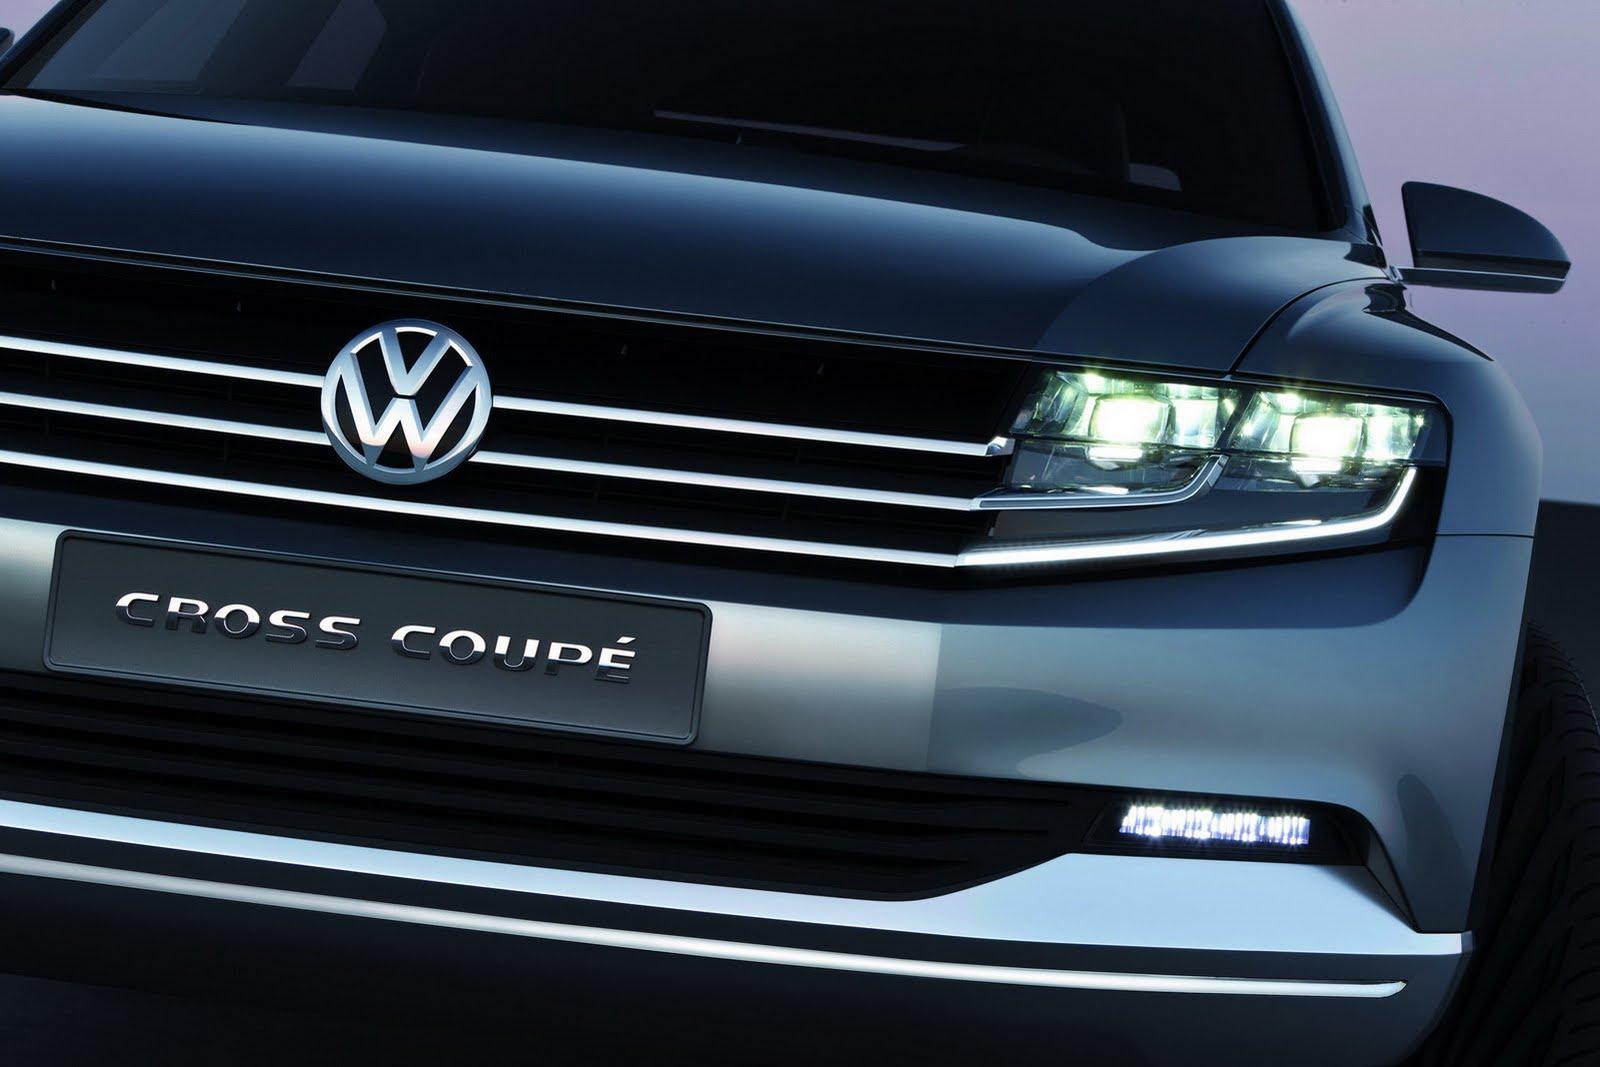 volkswagen_cross_coupe_concept_2011_tokyo_motor_show_10